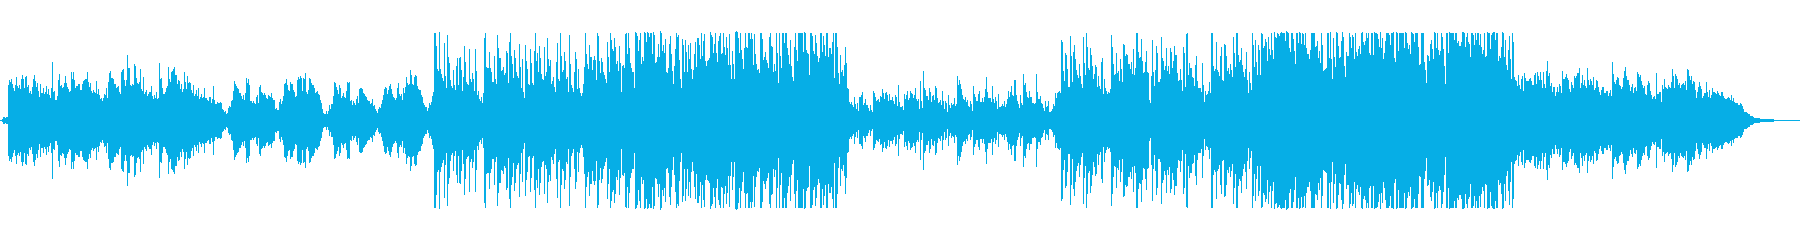 無常を感じる~流れる尺八の和風ポップスの再生済みの波形